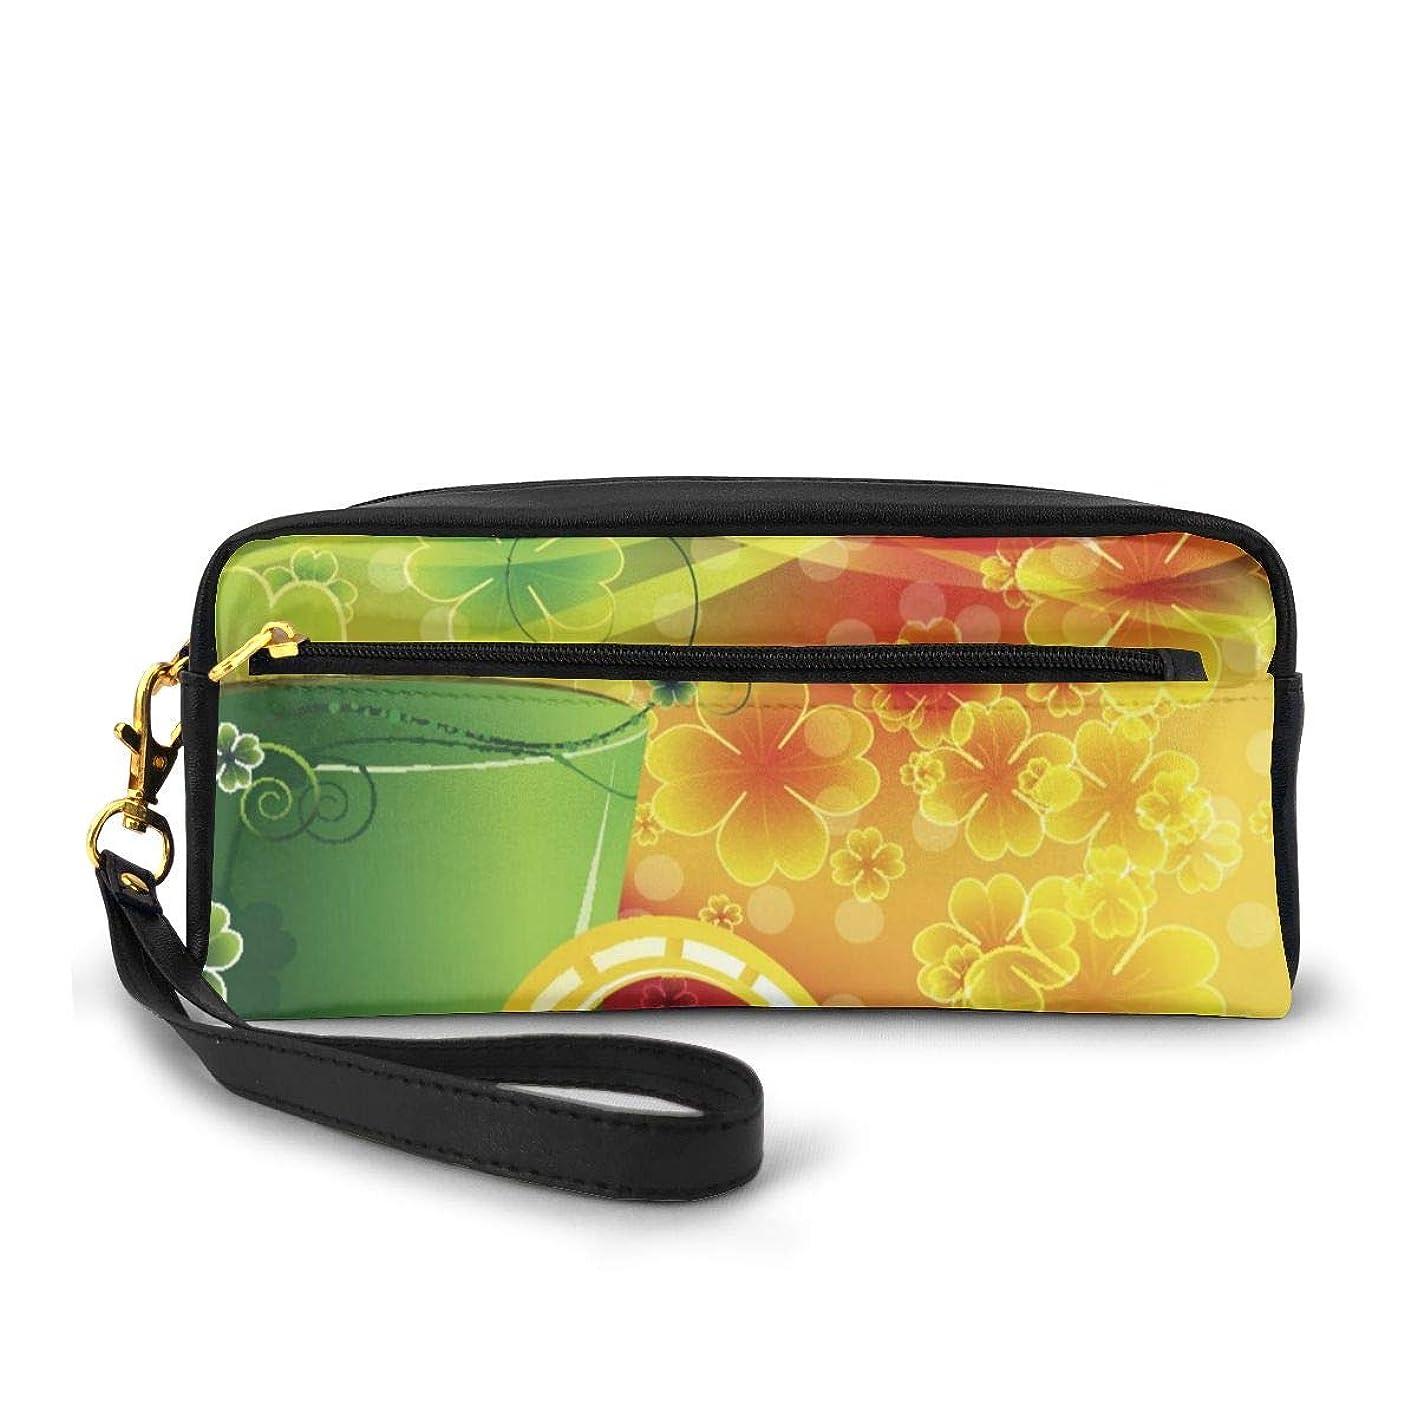 ほめるスマート宇宙飛行士ハッピー聖パトリックの日緑の帽子とクローバーリーフスプリング(5) 化粧品収納バッグ ウォッシュバッグ ハンドバッグ 化粧品袋 耐久性のある 筆箱 トラベルバッグ カラフルなス ポータブル スキンケア製品収納袋